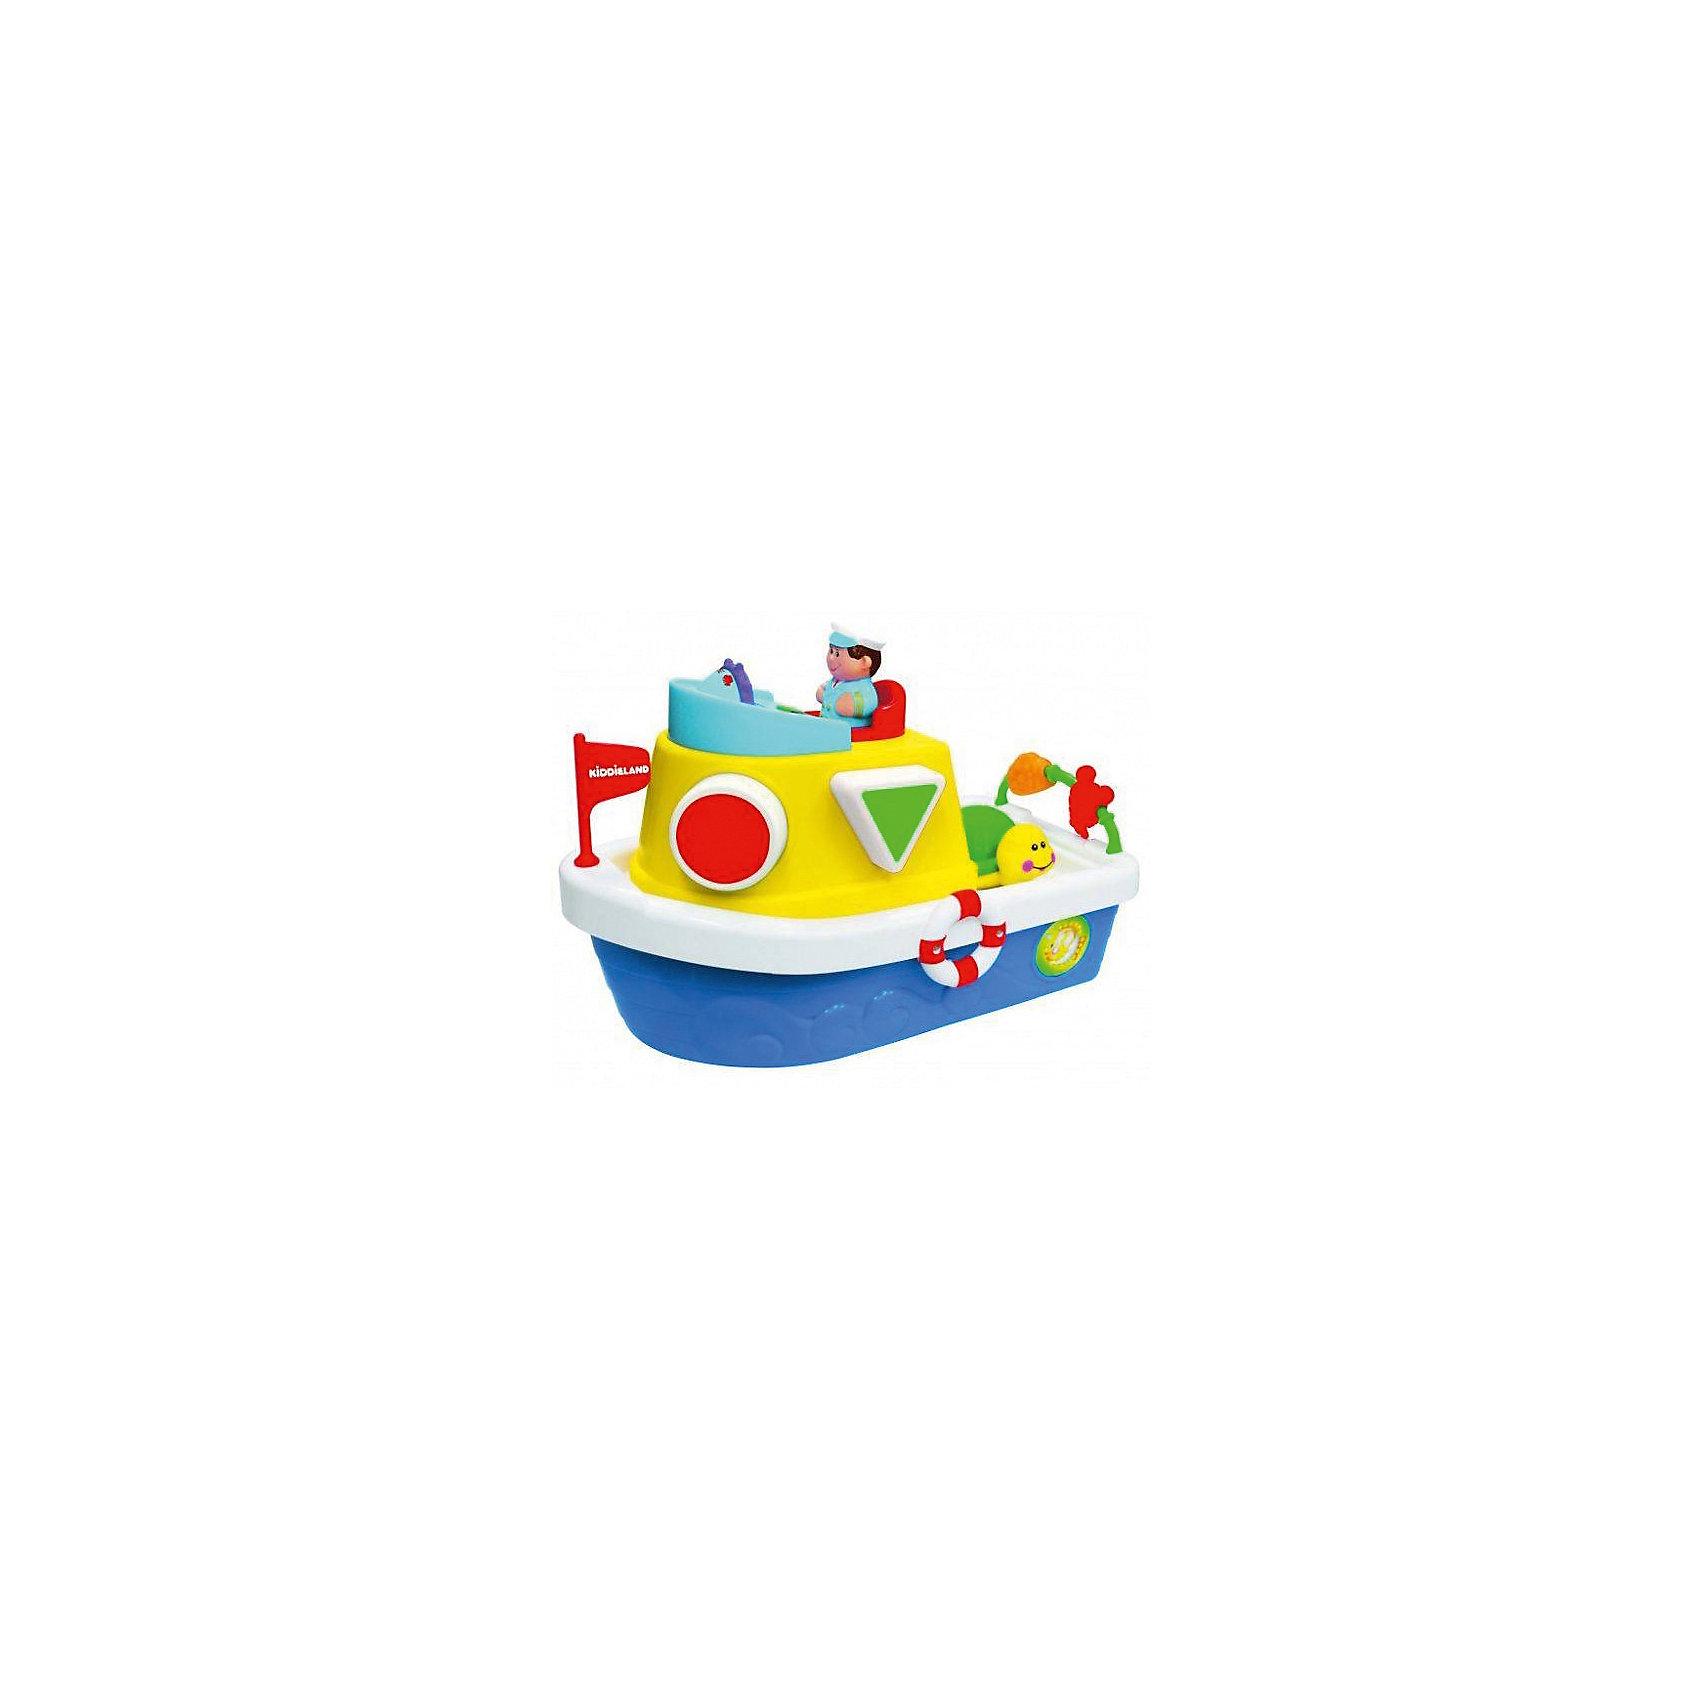 Kiddieland Сортер Мой первый корабль, Kiddieland игрушка электронная развивающая мой первый ноутбук